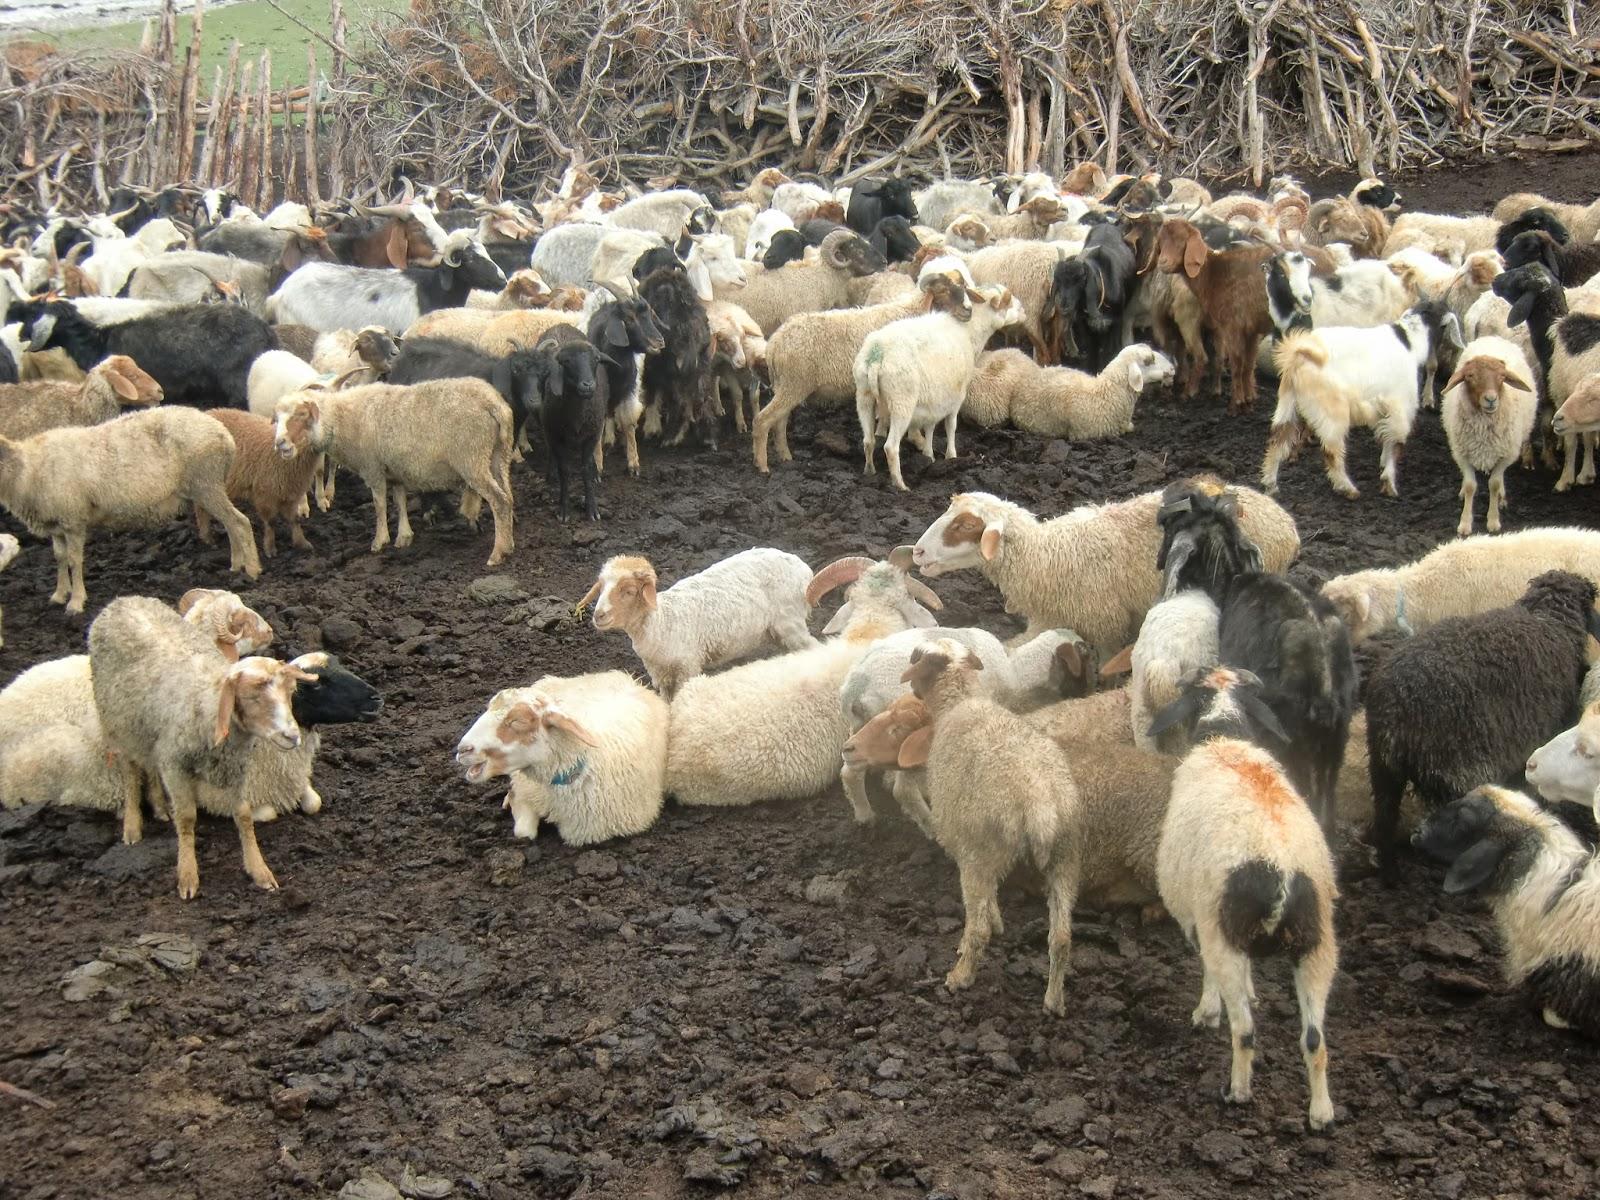 ہنزہ کے بالائی علاقے گوجال کے چراگاہوں میں موذی امراض پھیلنے سے مویشیوں کی ہلاکتیں، محکمہ حیوانات بے خبر